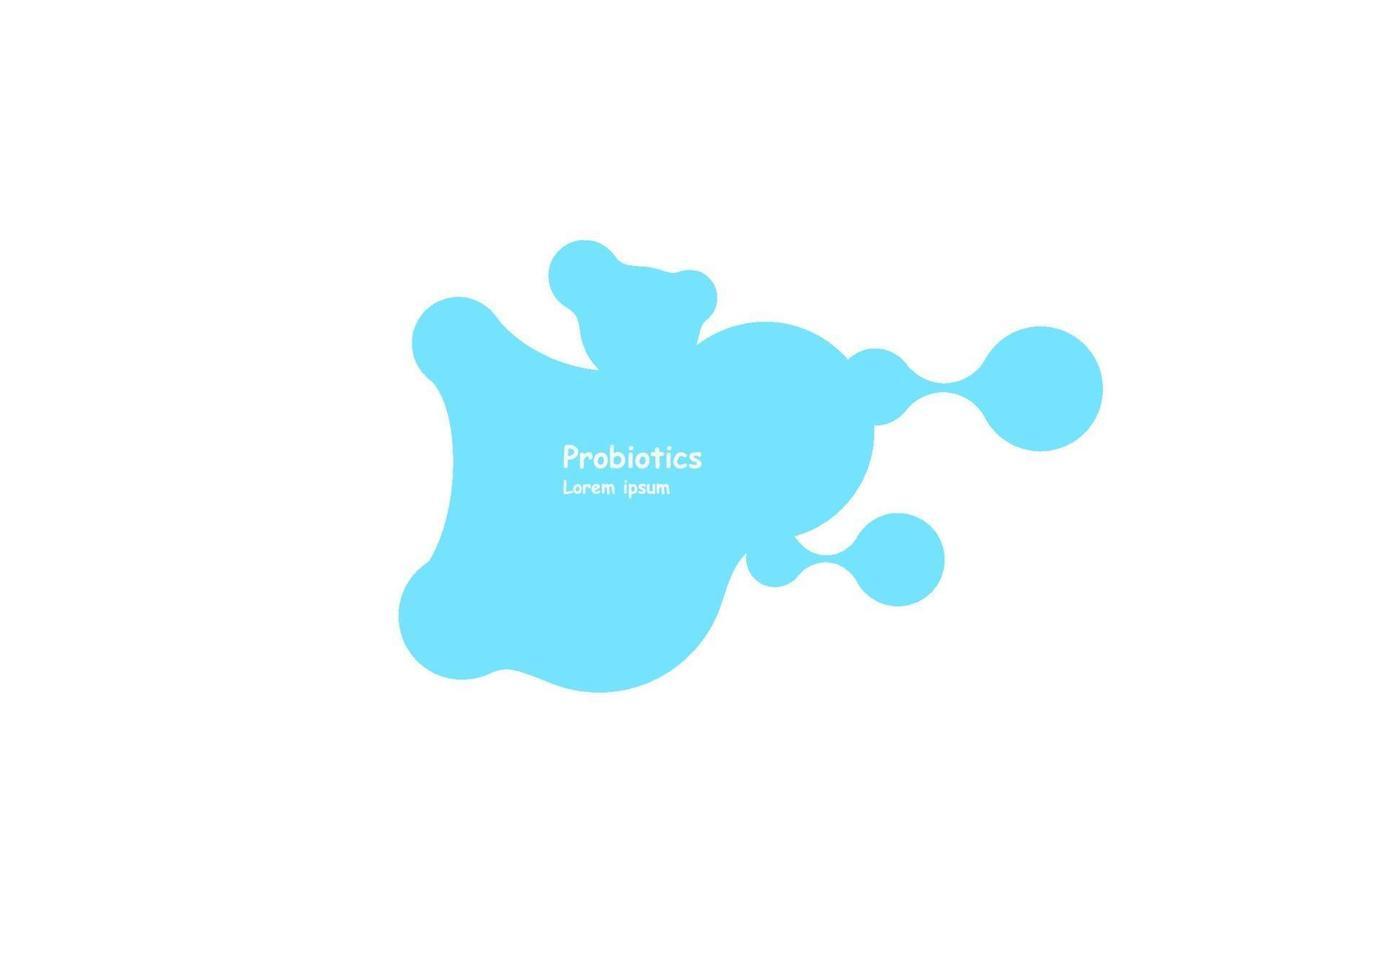 Probiotics bacteria vector design. Probiotics bacteria vector design. Concept of design with Lactobacillus Probiotic Bacteria. Template design with Prebiotic healthy nutrition ingredient